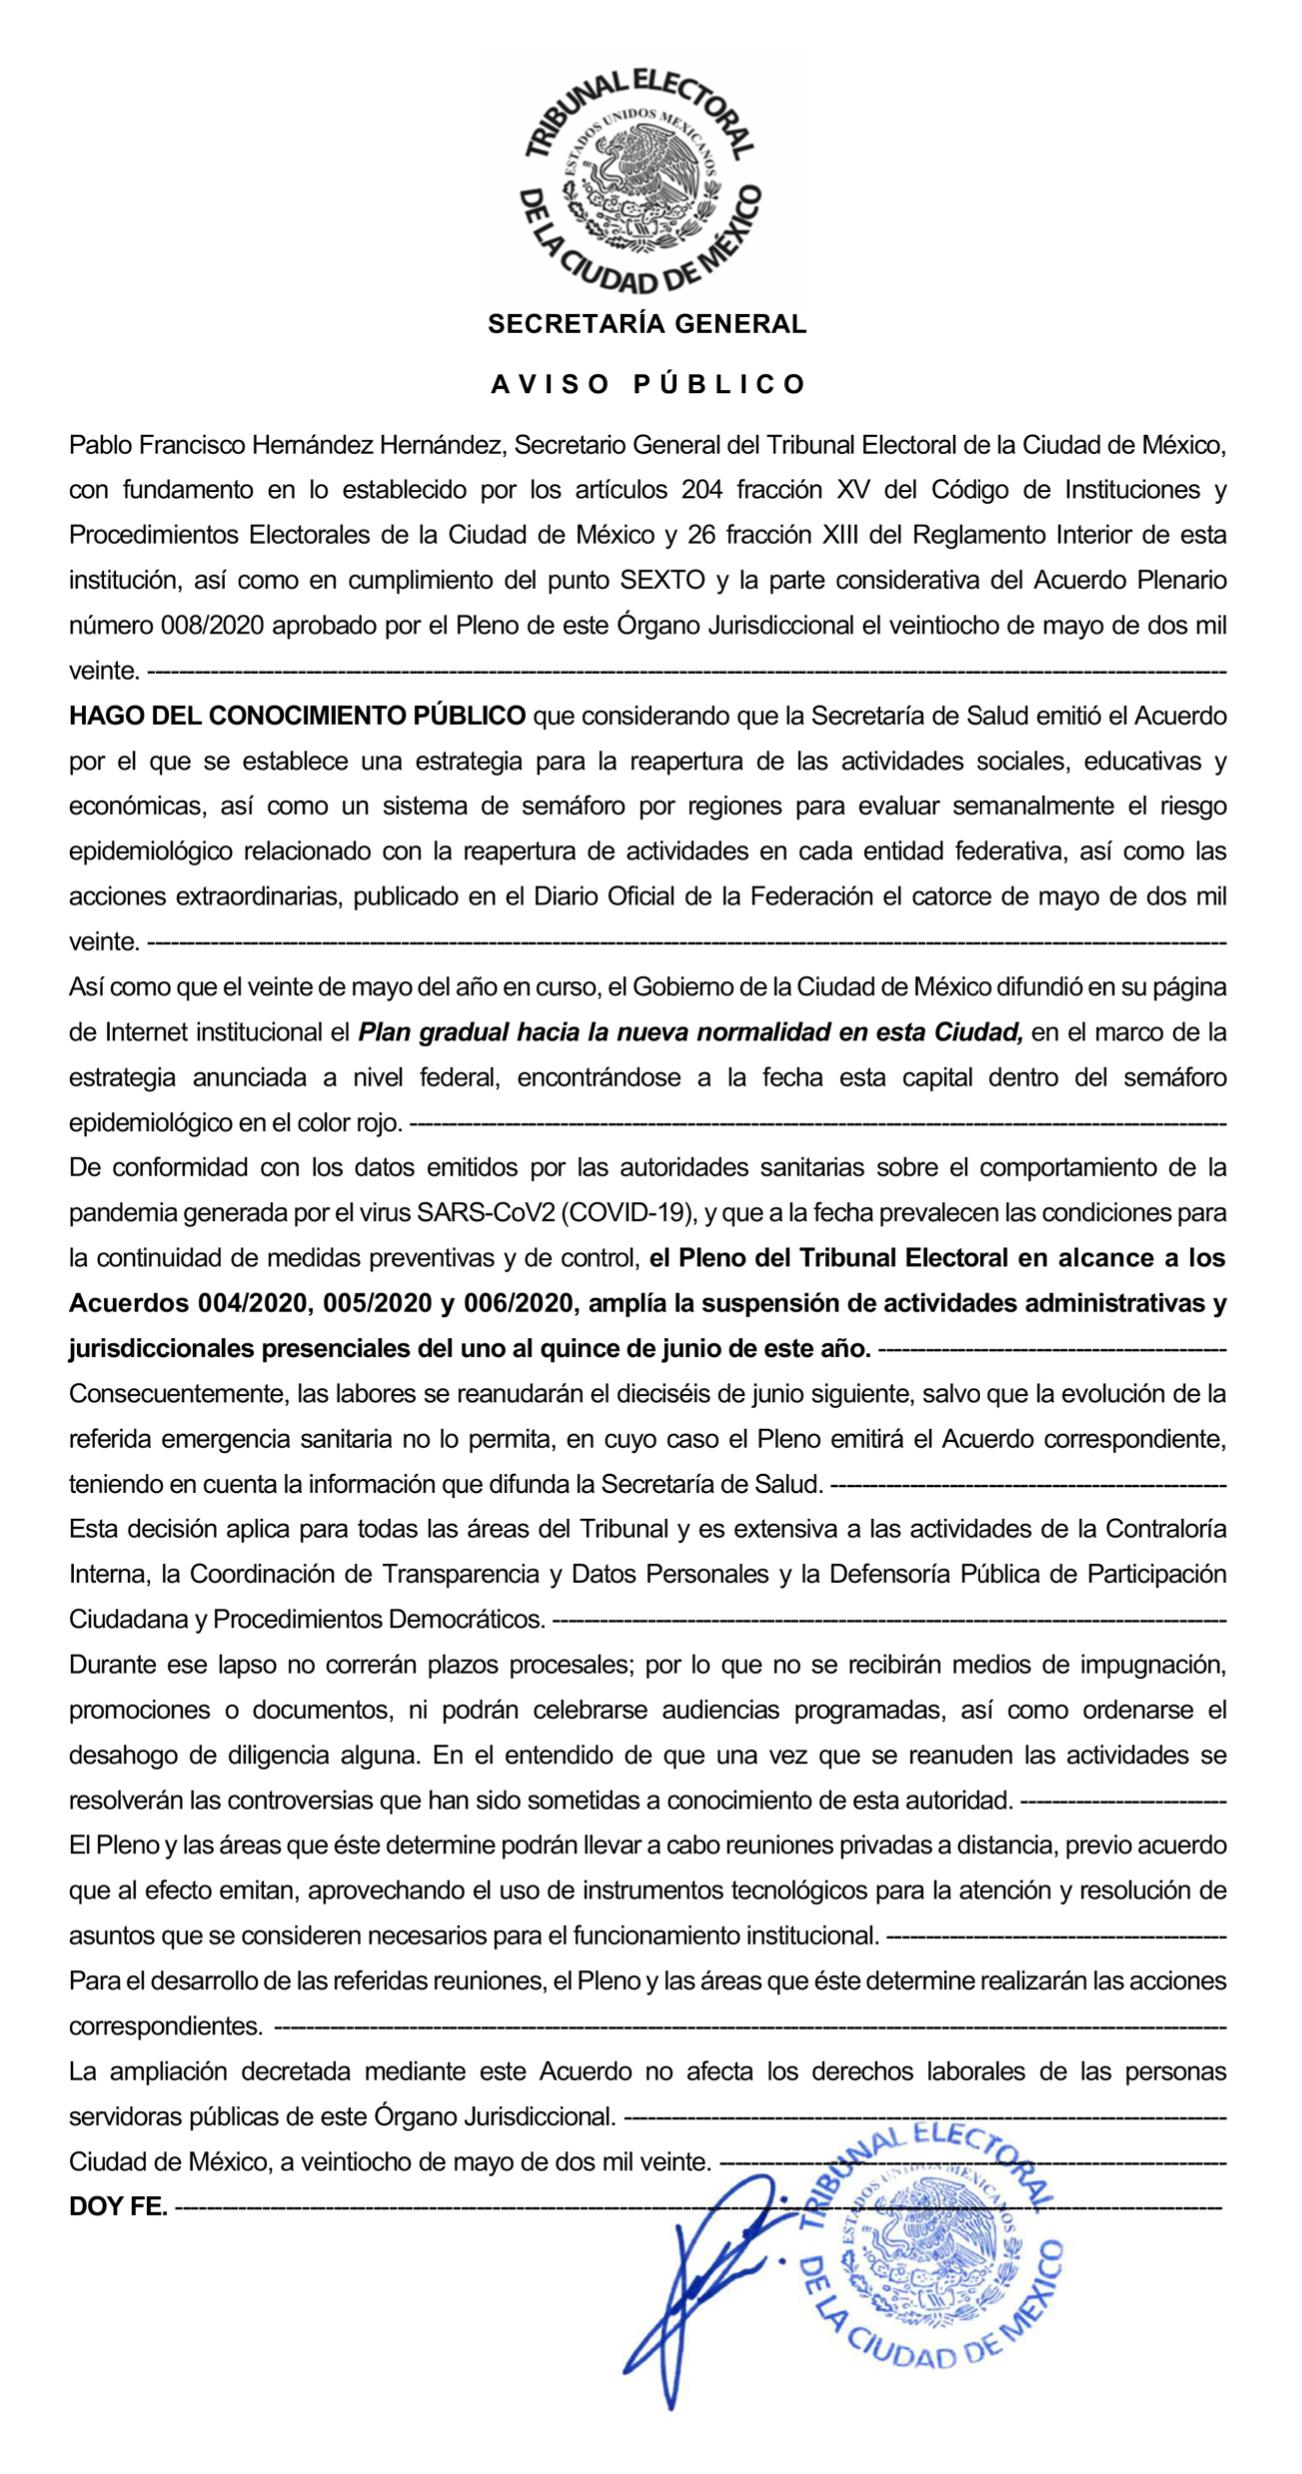 el Pleno del Tribunal Electoral en alcance a los Acuerdos 004/2020, 005/2020 y 006/2020, amplía la suspensión de actividades administrativas y jurisdiccionales presenciales del uno al quince de junio de este año.